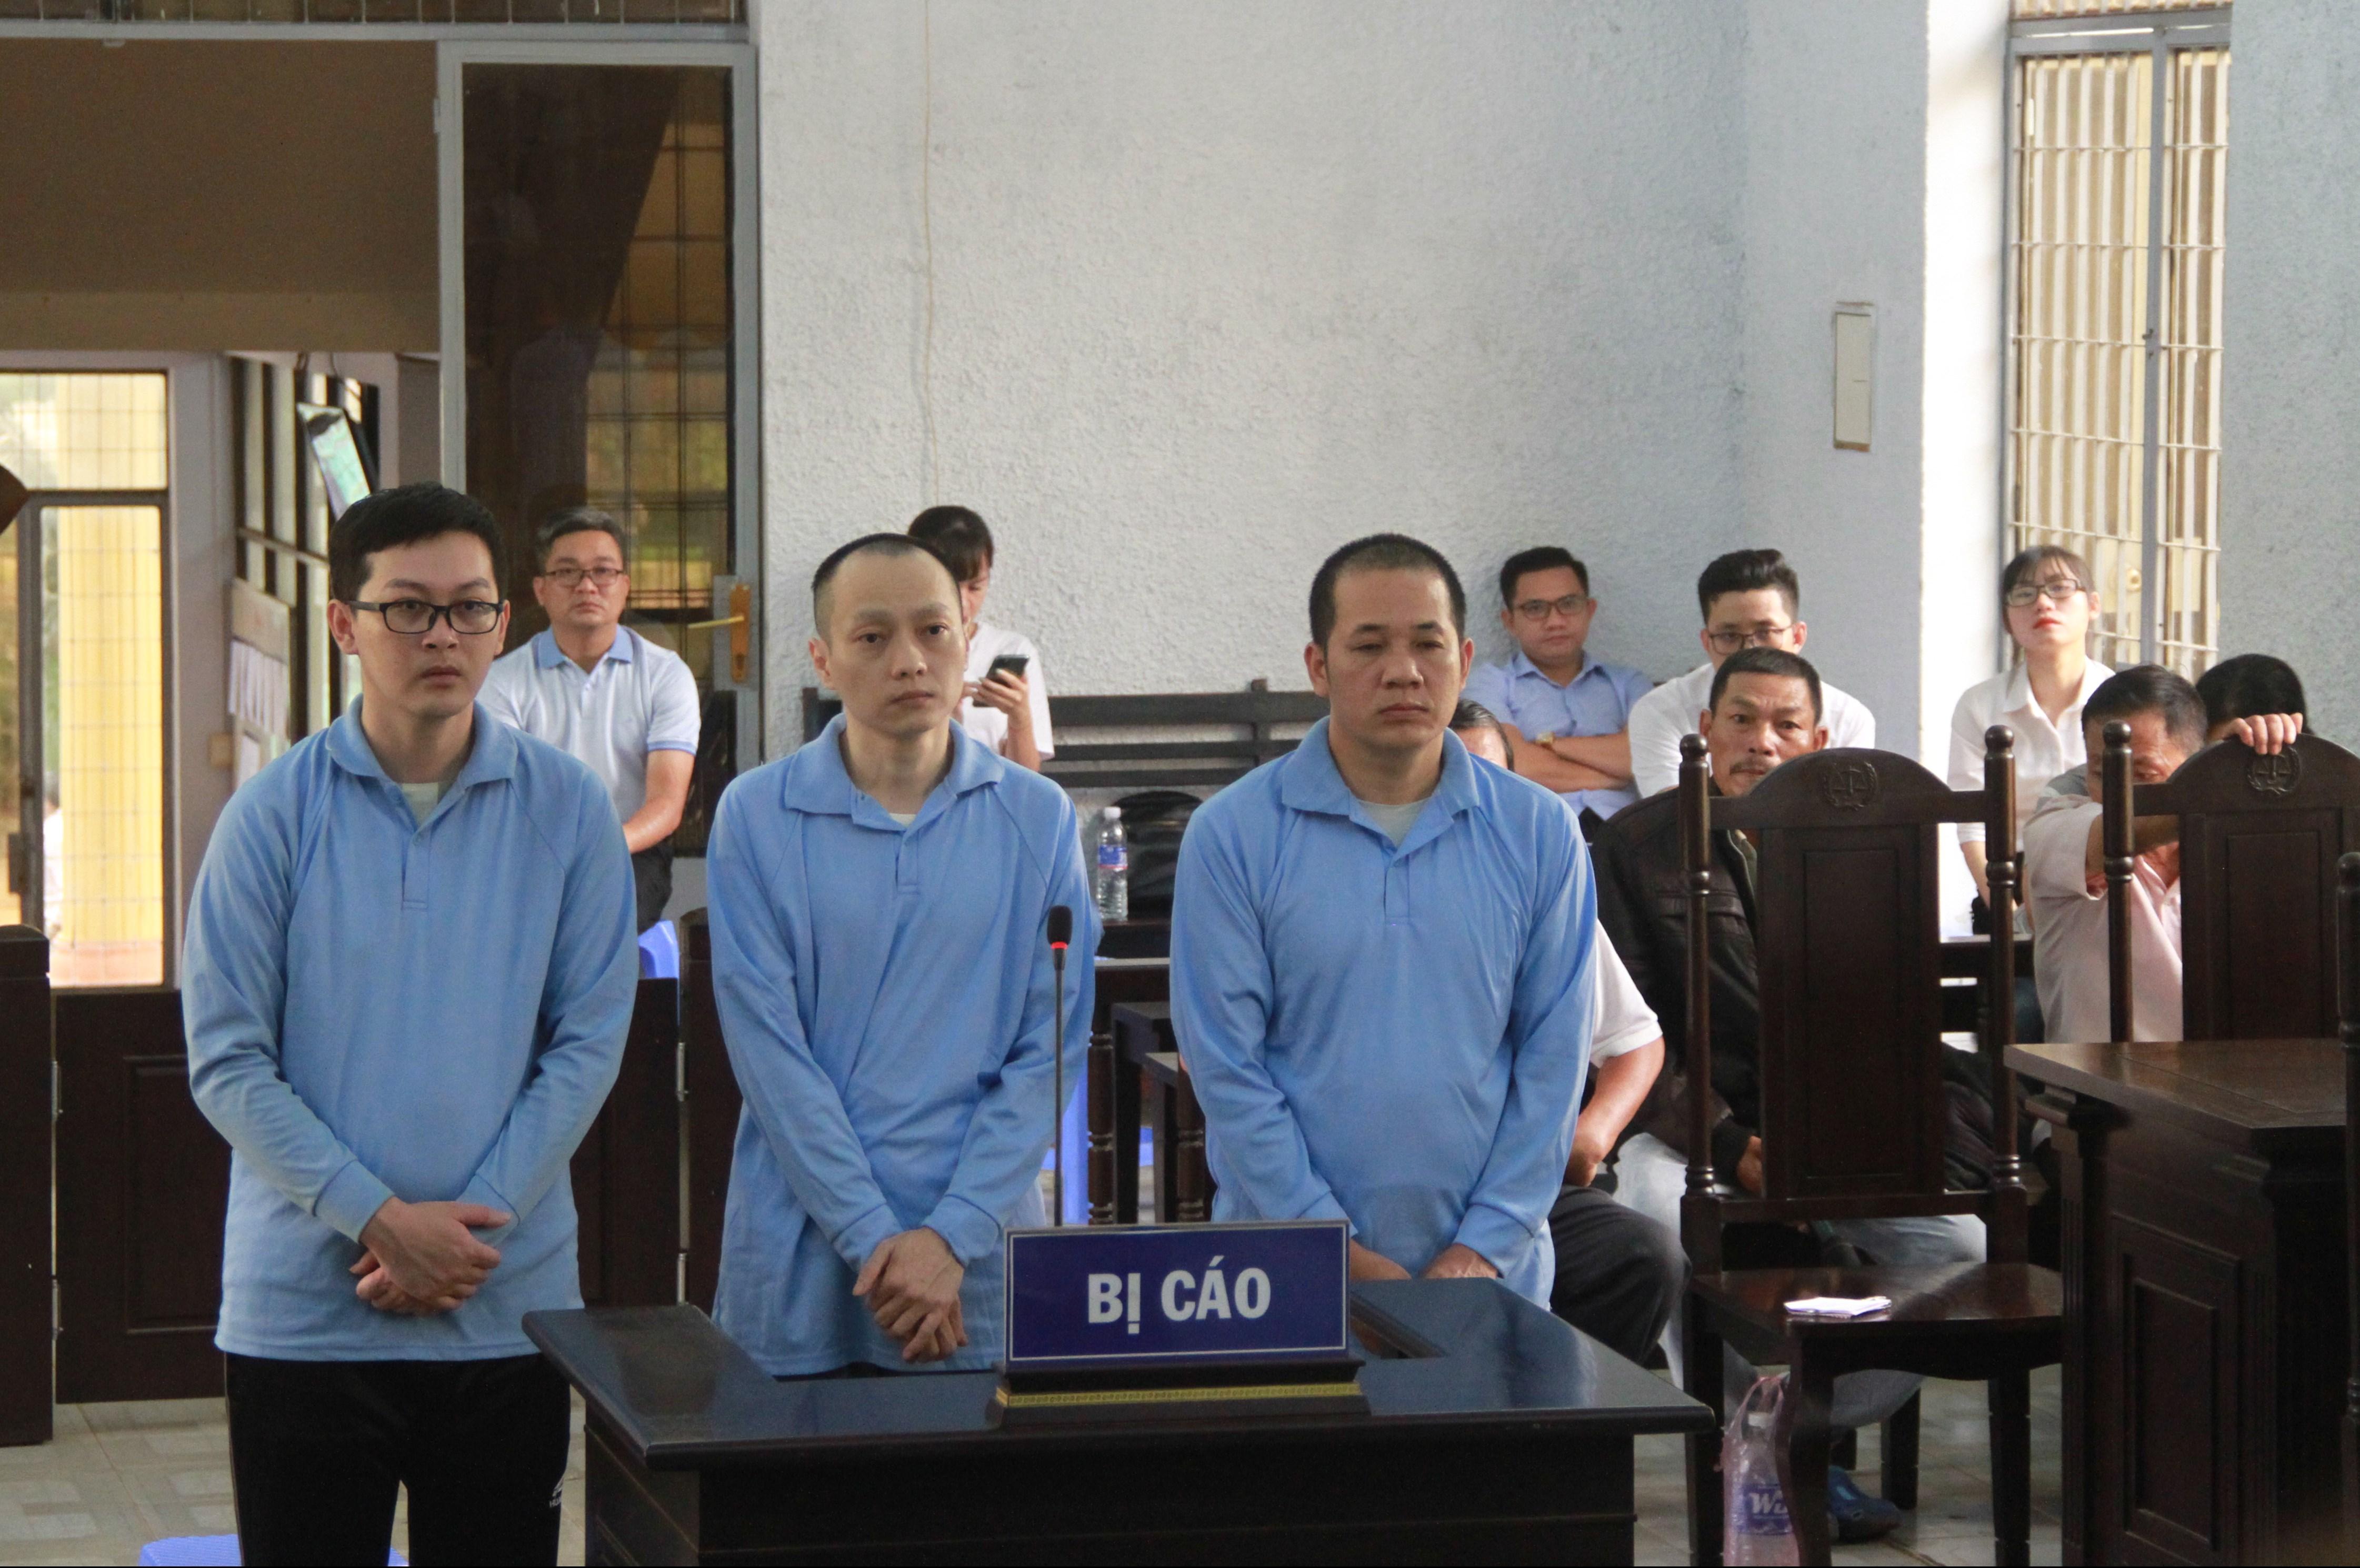 Các bị cáo Đỗ Thái Vũ, Ngô Viết Thành, Nguyễn Quốc Minh (từ phải qua trái) tại phiên tòa